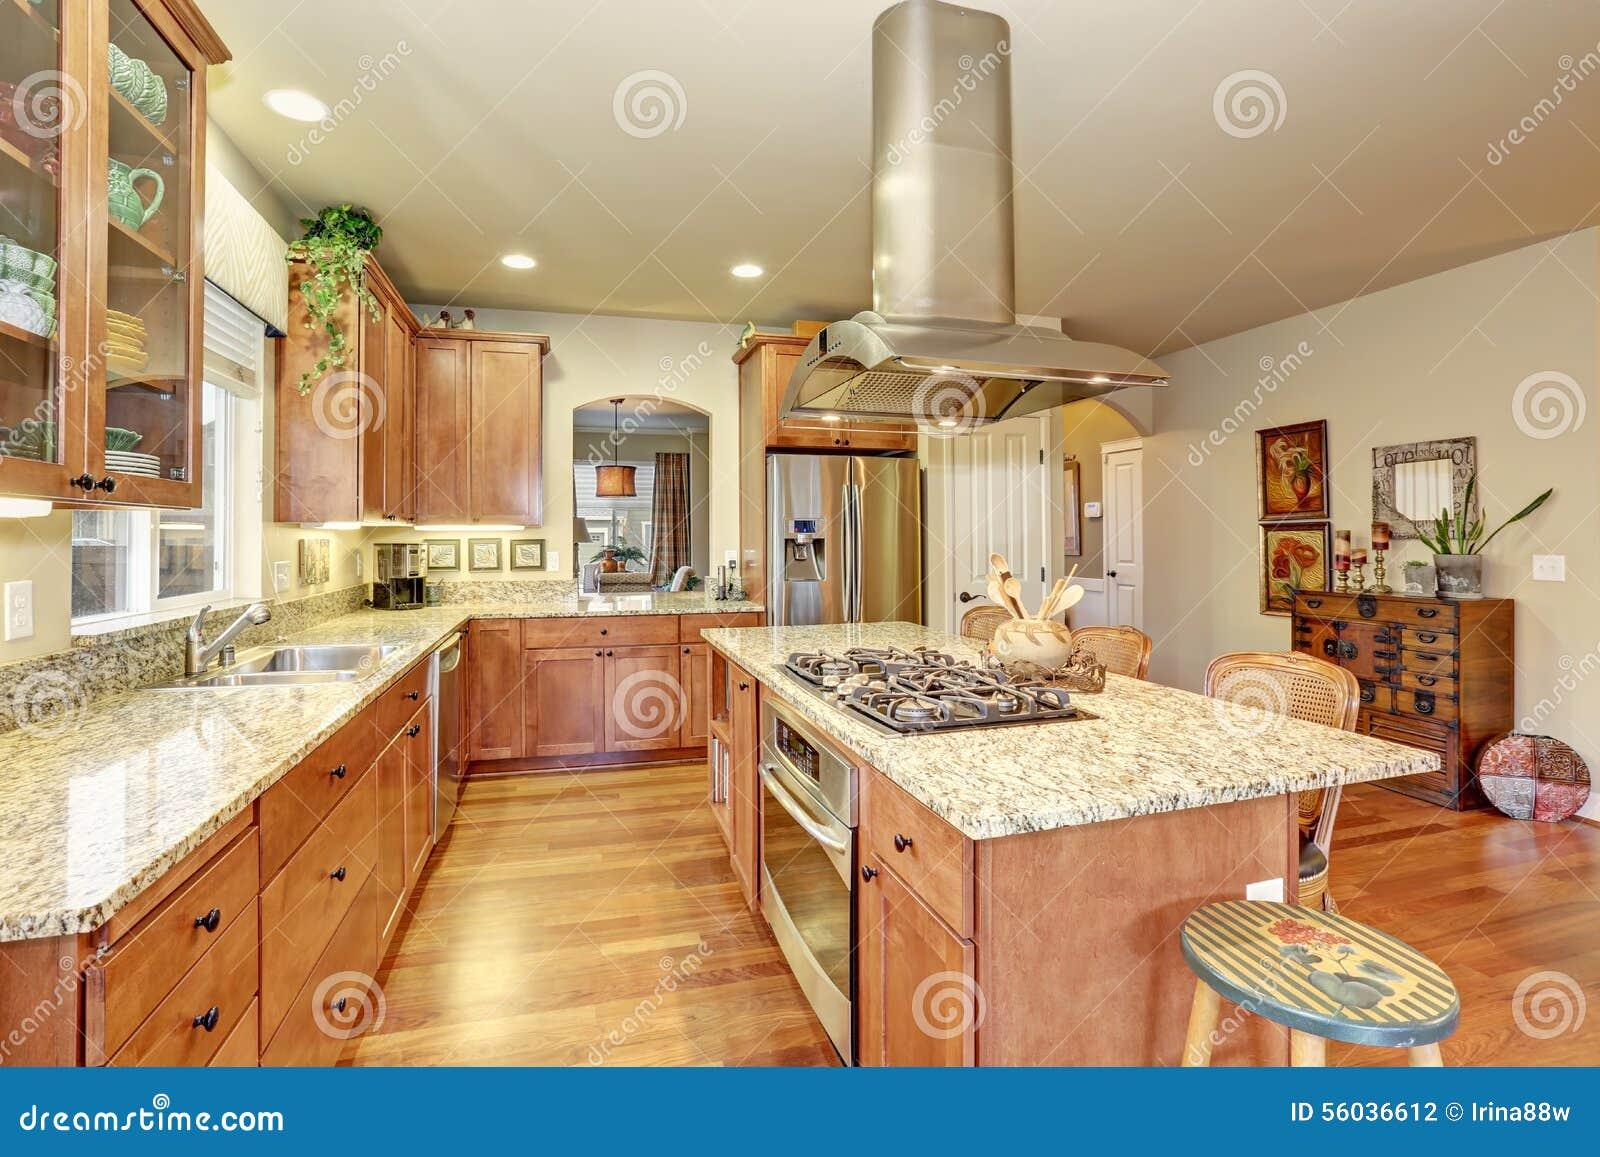 Cozinha Perfeita Com Assoalho E Ilha De Folhosa Foto De Stock